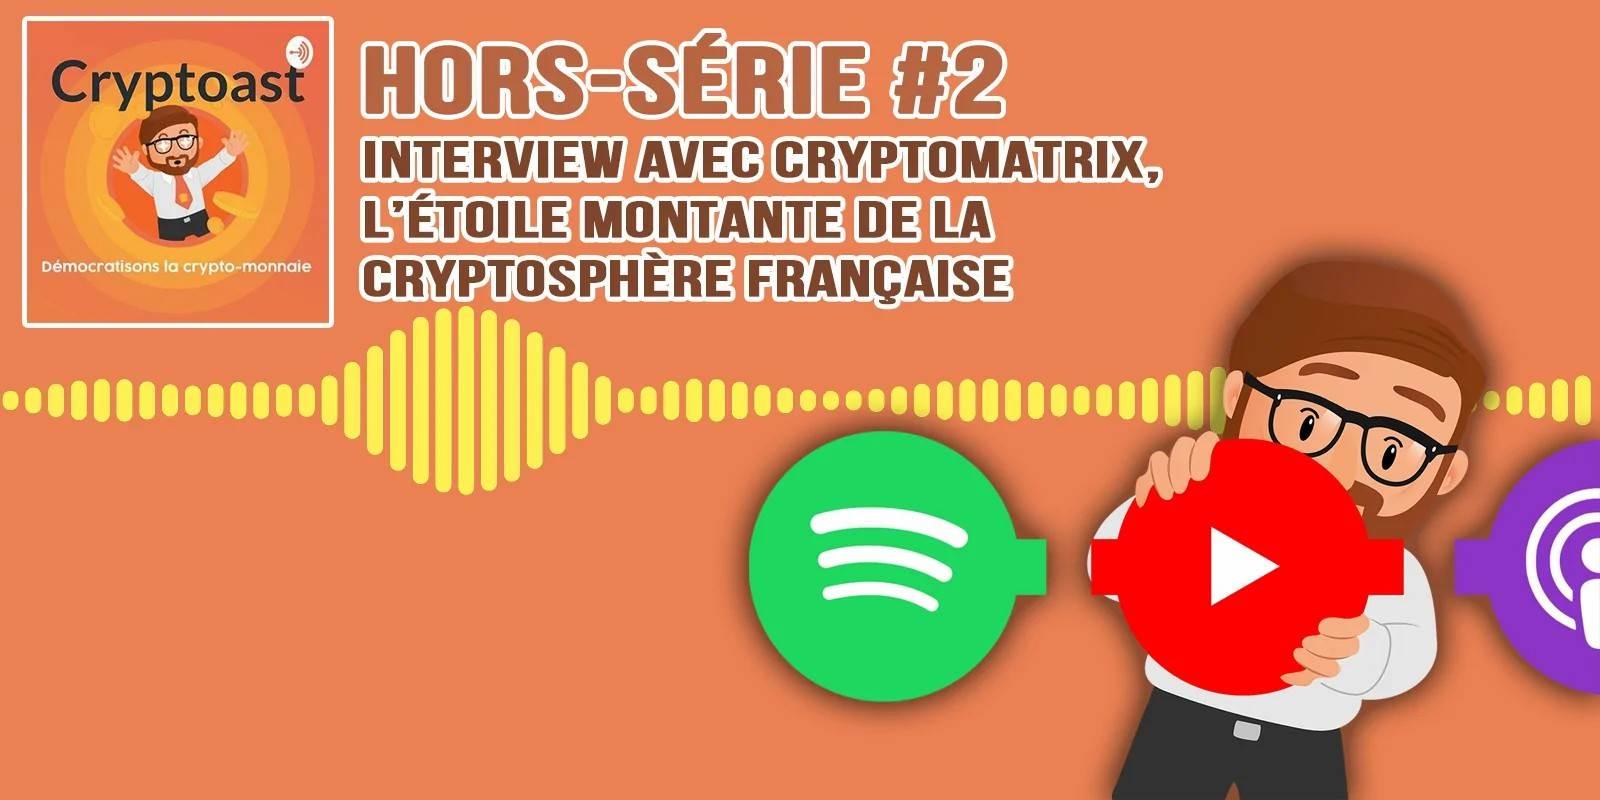 Podcast hors-série #2 - Interview de Cryptomatrix, l'étoile montante de la cryptosphère française